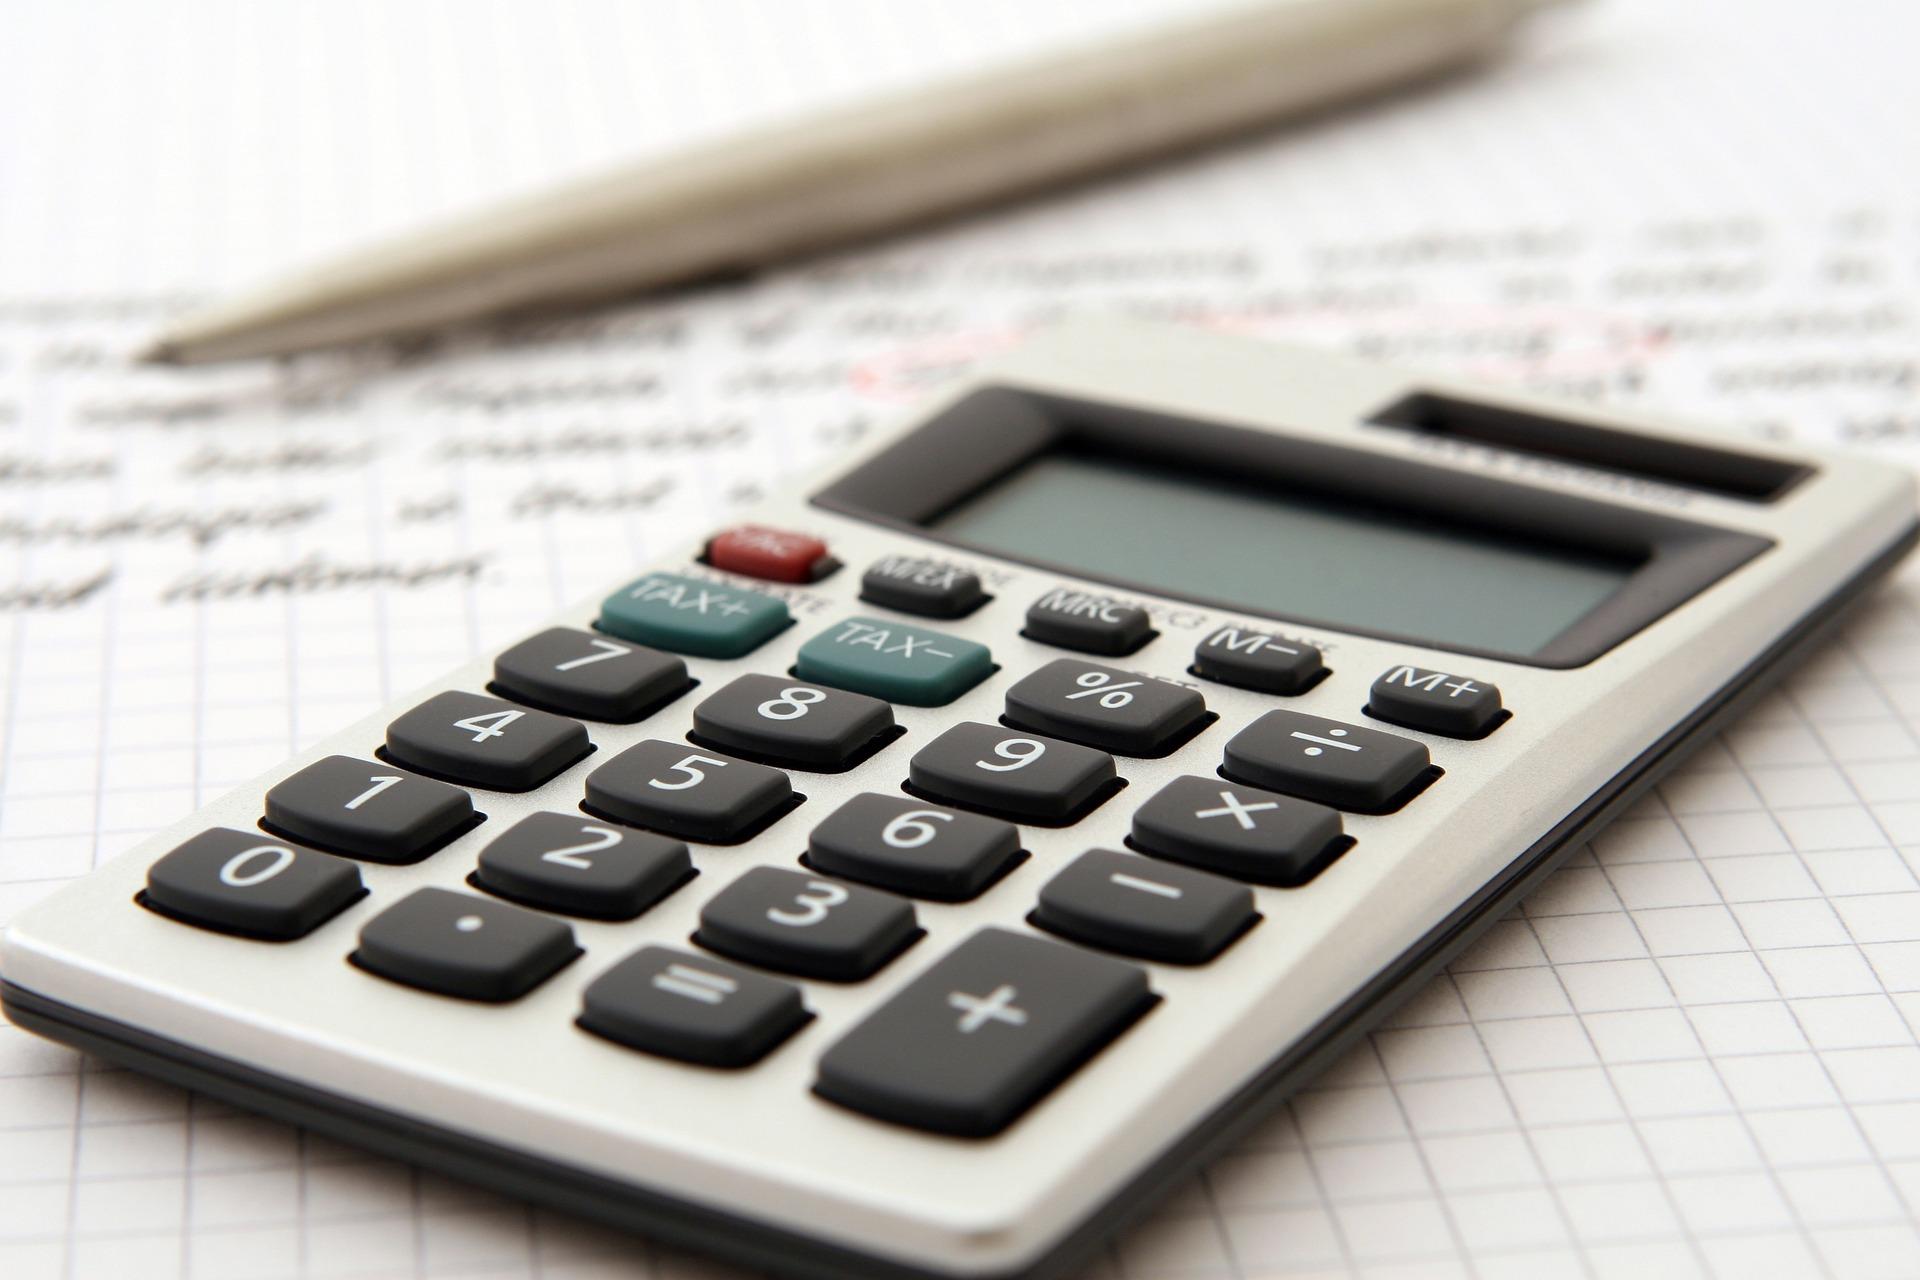 公認会計士試験の専門学校・予備校比較。TAC、大原、CPA、LEC、クレアール、結局どこがいいの?